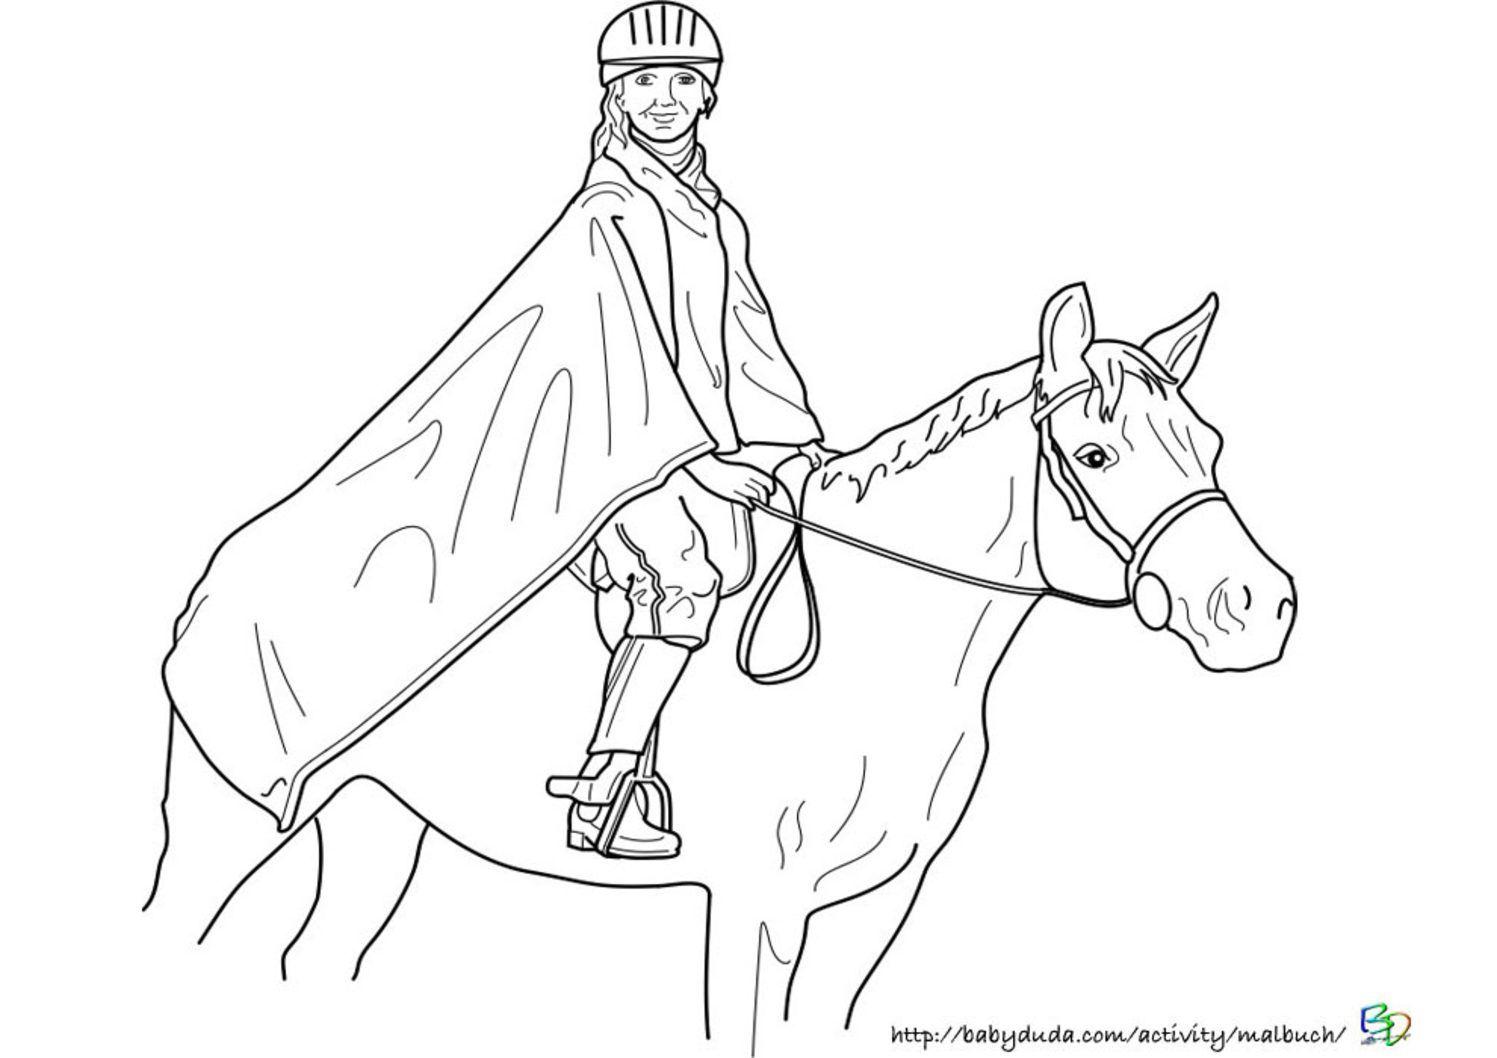 Ausmalbilder Pferde Zum Ausdrucken : Pferdebilder Ausmalen Pferdek Pfe Ausmalbilder Ausmalbilder